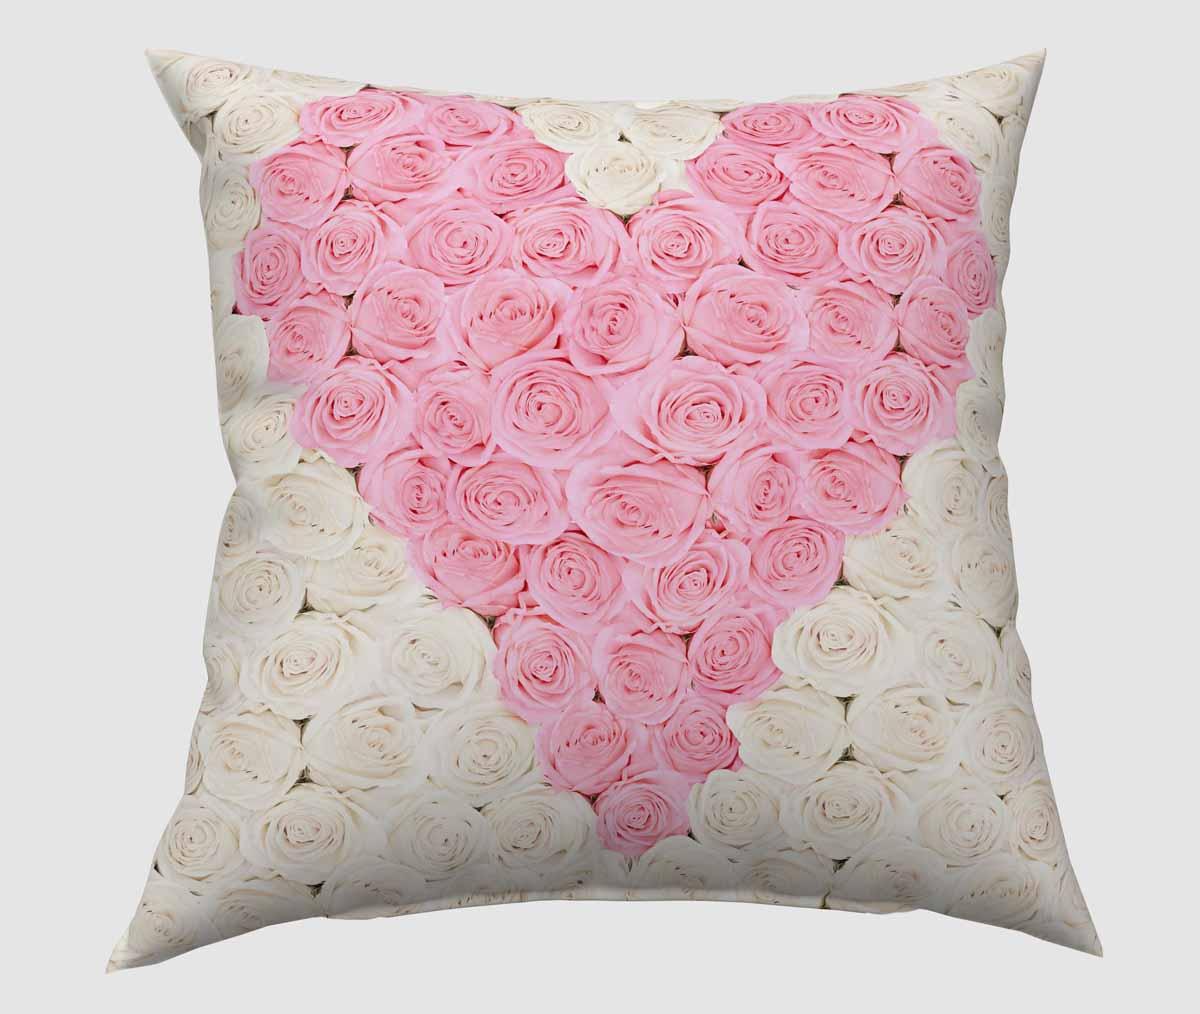 Подушка декоративная Сирень Сердце из роз , 40 х 40 см531-105Декоративная подушка Сирень Сердце из роз, изготовленная из габардина (100% полиэстер), прекрасно дополнит интерьер спальни или гостиной. Подушка оформлена красочным изображением. Внутри - мягкий наполнитель из холлофайбера (100% полиэстер). Красивая подушка создаст атмосферу тепла и уюта в спальне и станет прекрасным элементом декора.